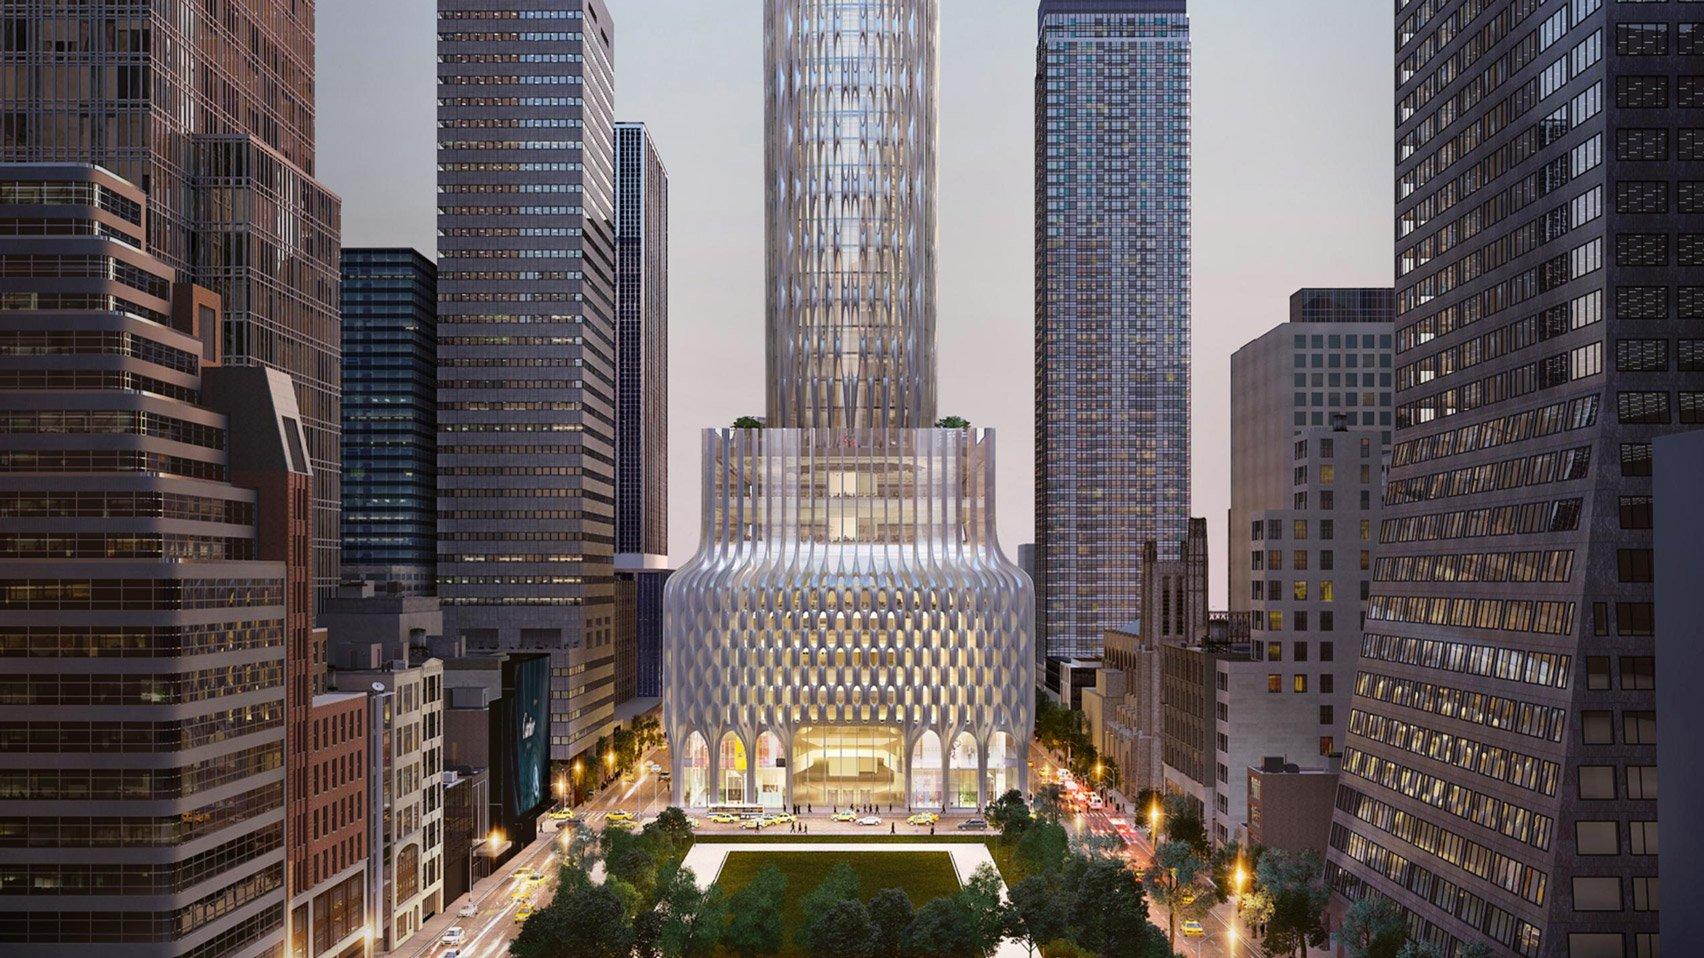 El multimillonario yerno de trump desesperado por pagar for Architecture companies in nyc